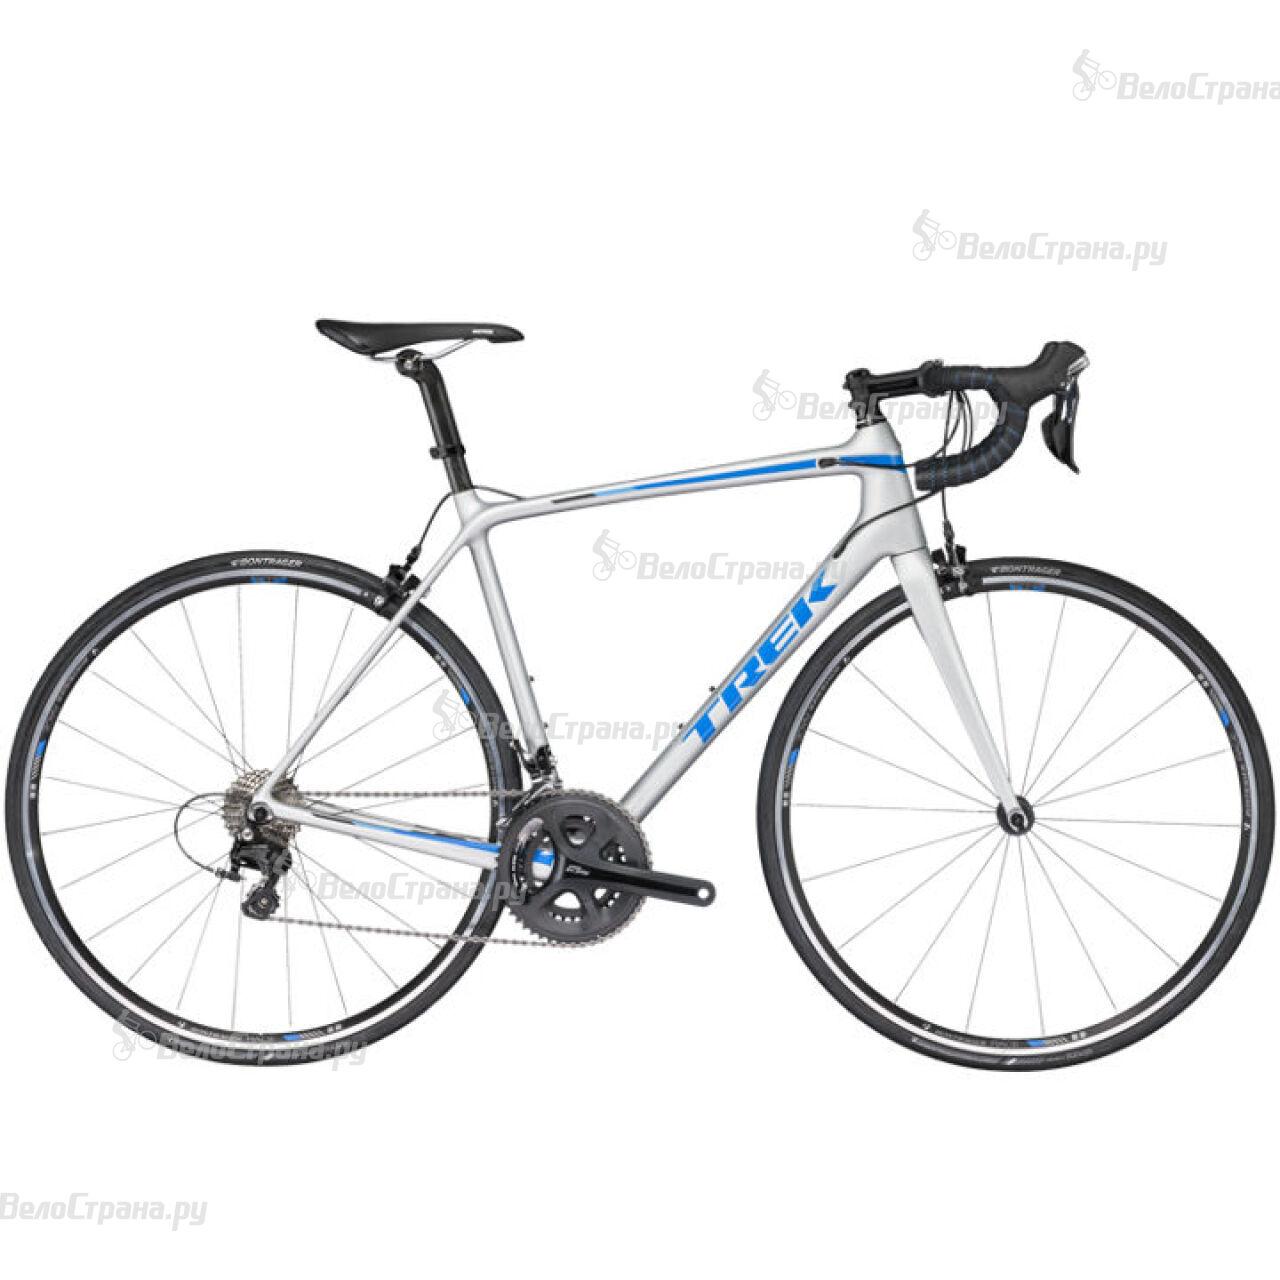 Велосипед Trek Emonda SL 5 (2017) велосипед trek emonda s 4 2015